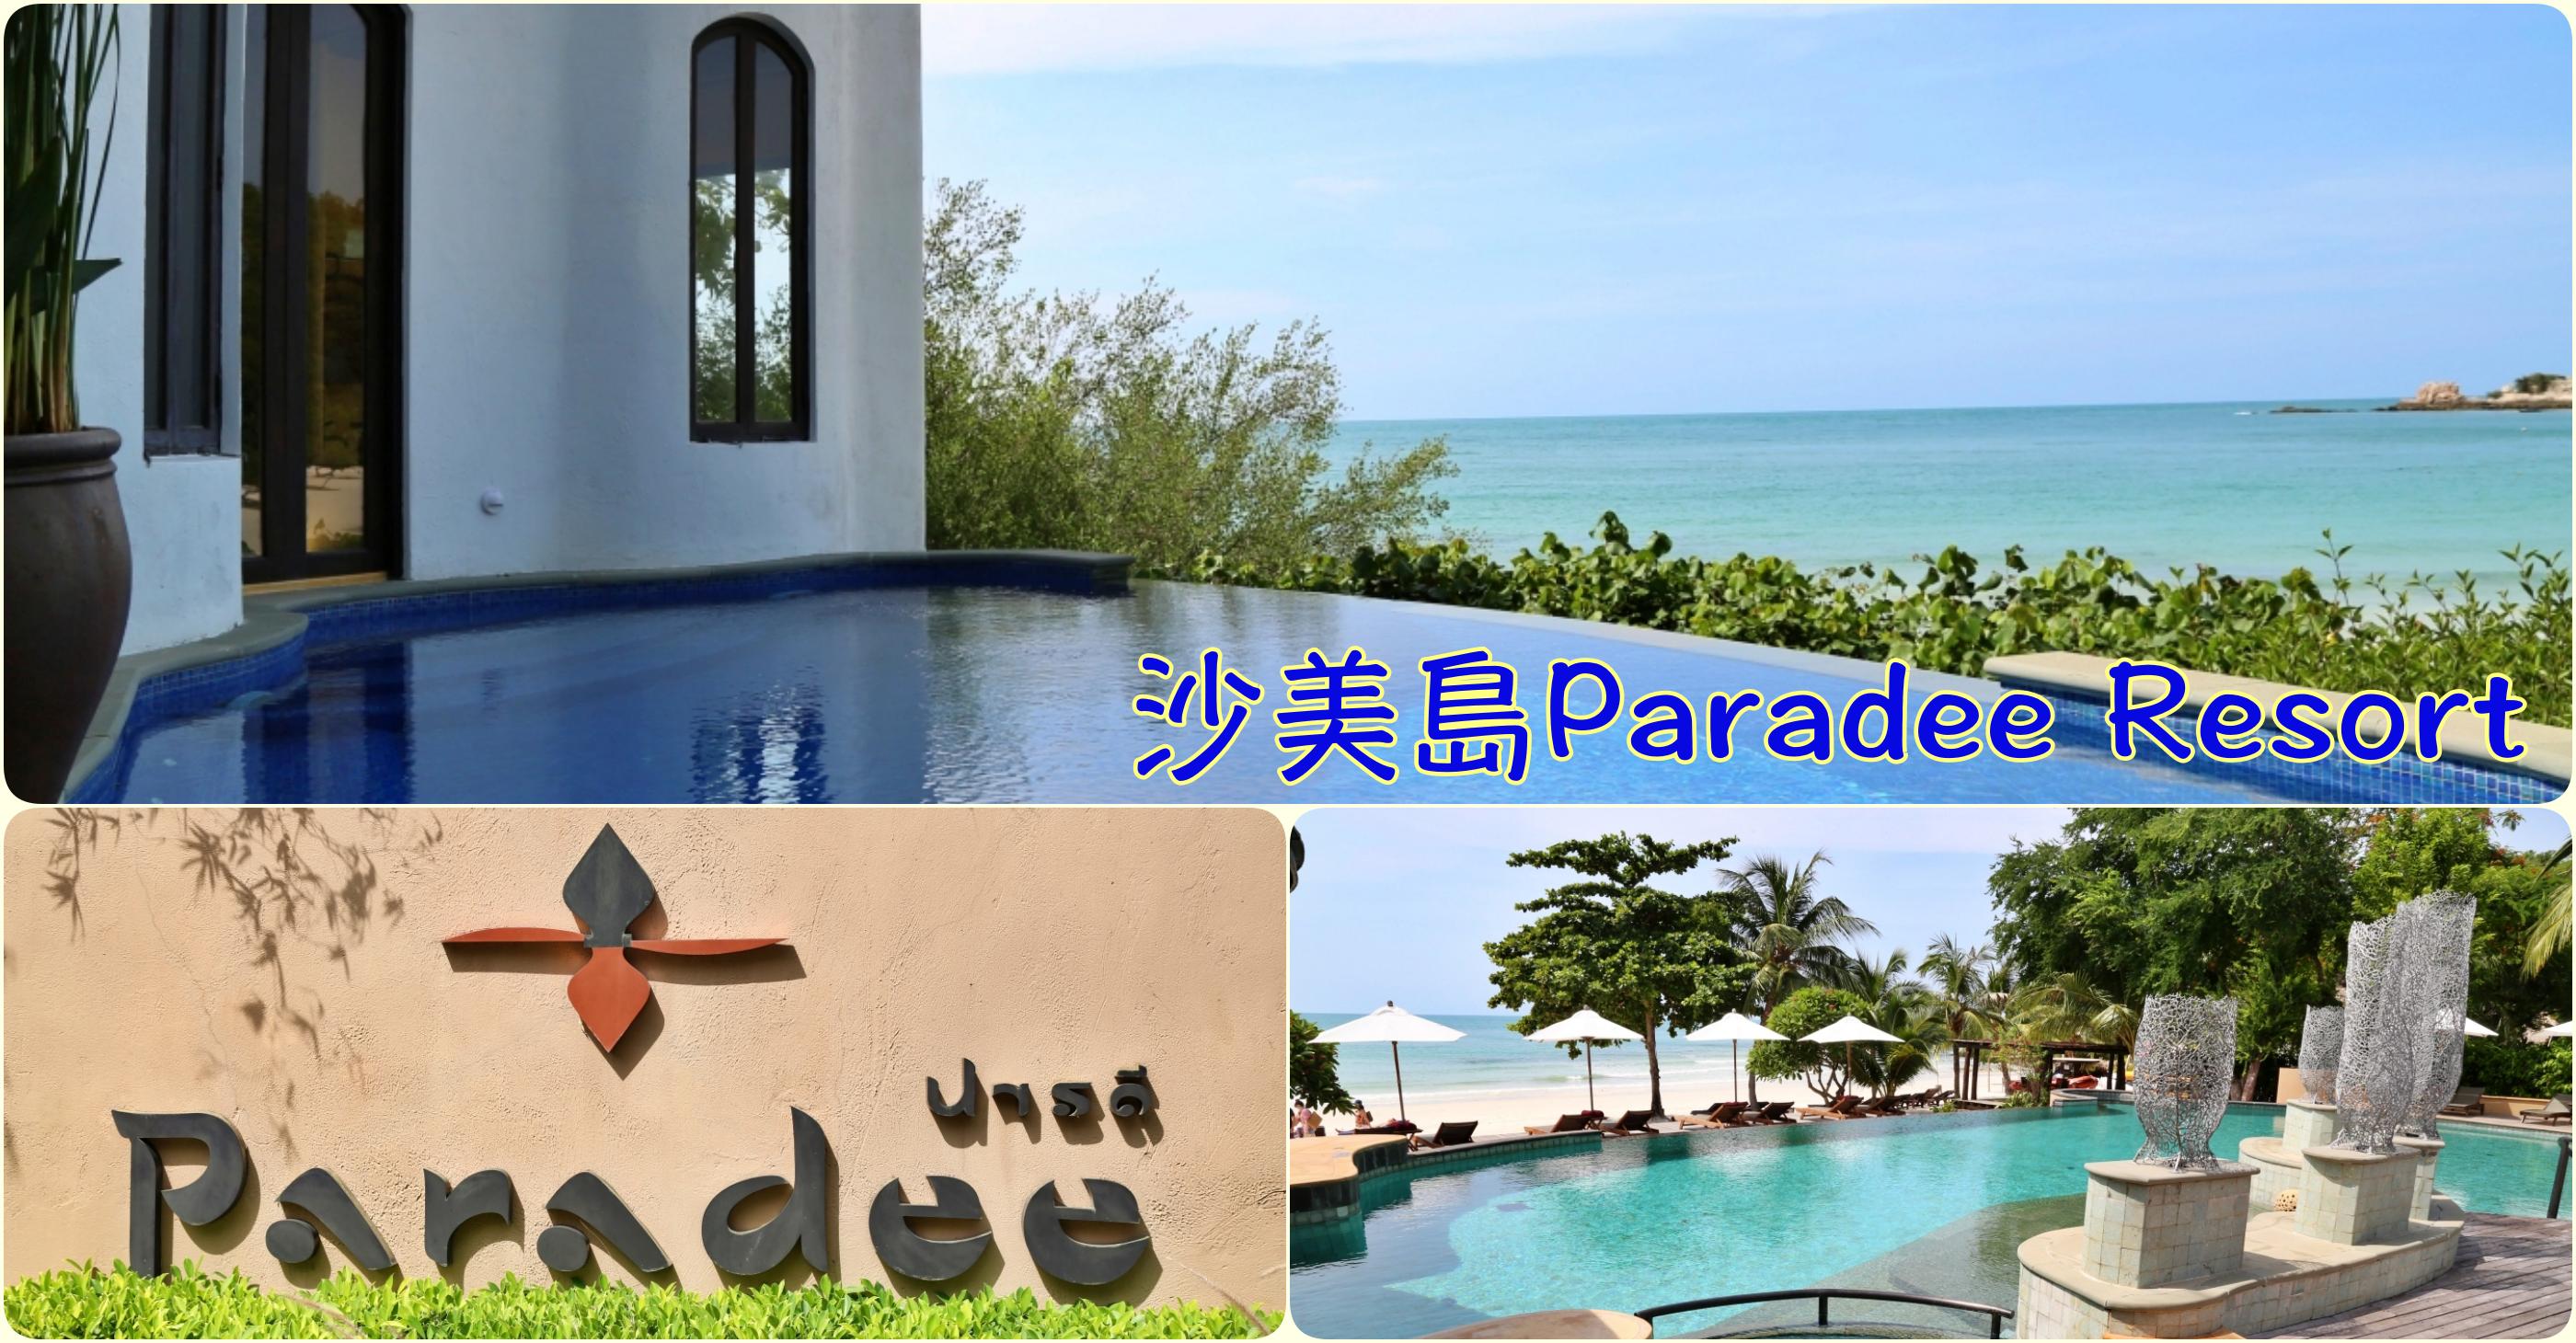 [羅勇住宿]沙美島Paradee Resort.帕拉迪度假村 島上最奢華渡假村.擁有私人沙灘與免費快艇接送服務.蜜月旅行首選 @VIVIYU小世界